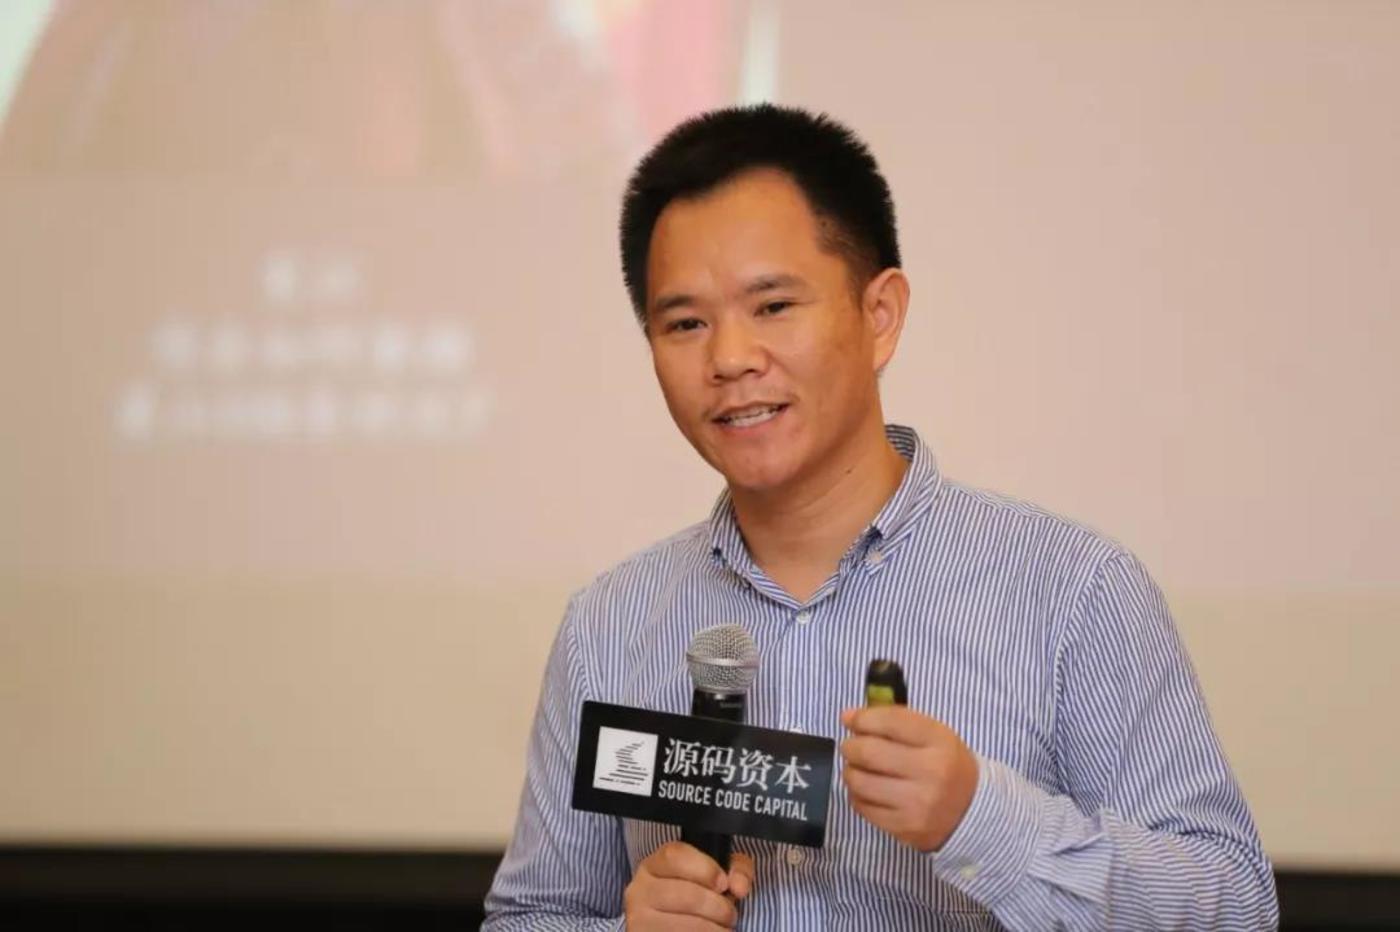 何德文先生,北京七八点股权设计事务所创始人、股权设计师,曾为小米等诸多互联网公司提供股权设计服务